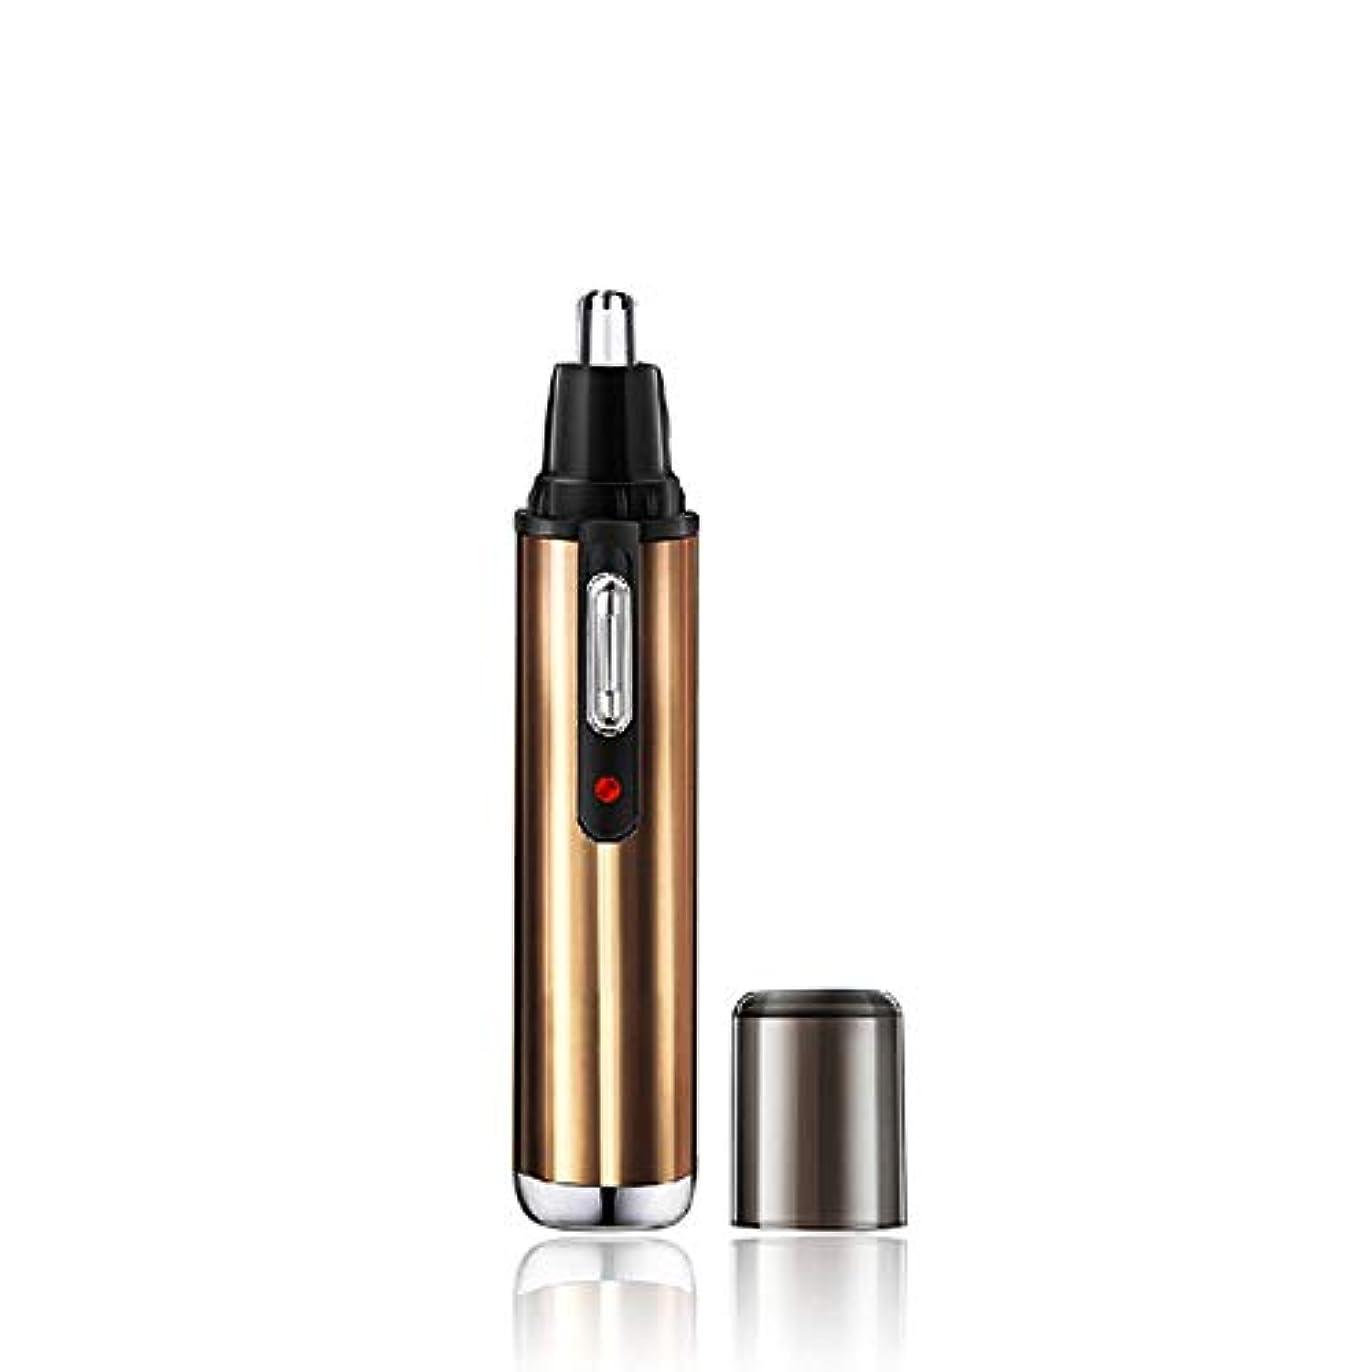 ノーズヘアトリマー-ファッションアルミ素材ノーズヘアトリマー/カッターヘッド洗浄滅菌設計/低電圧防爆省エネ/多機能バージョン よくできた